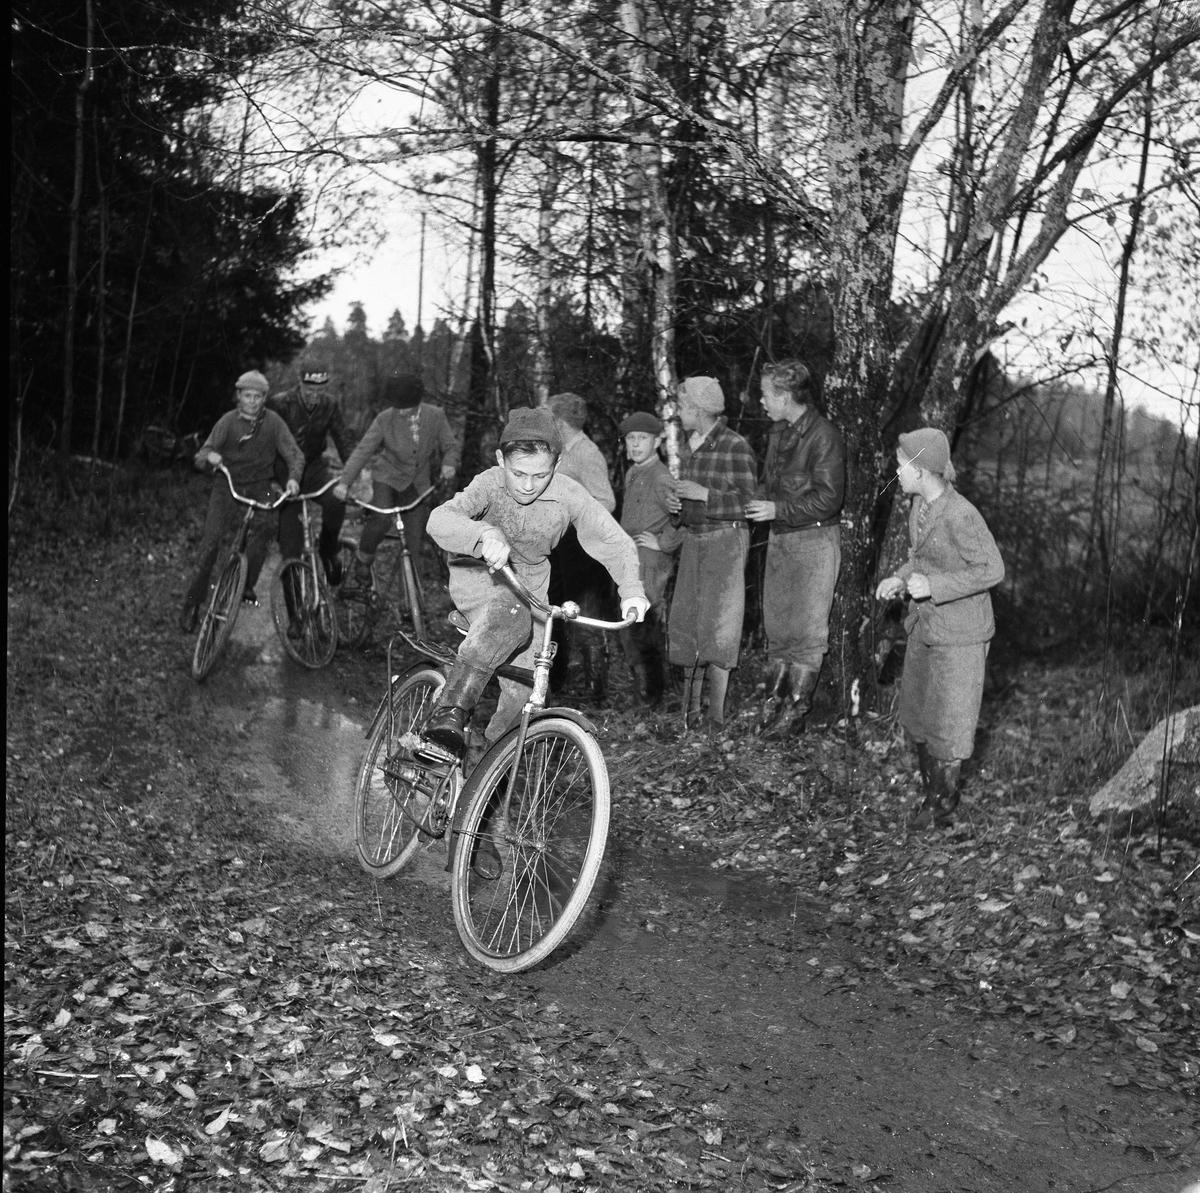 Cykelcross, en ny fluga för ungdomar. Fyra pojkar kommer farande på var sin cykel. Det är svårt att göra omkörning på den smala skogsstigen. Kompisarna står vid sidan och hejar på.